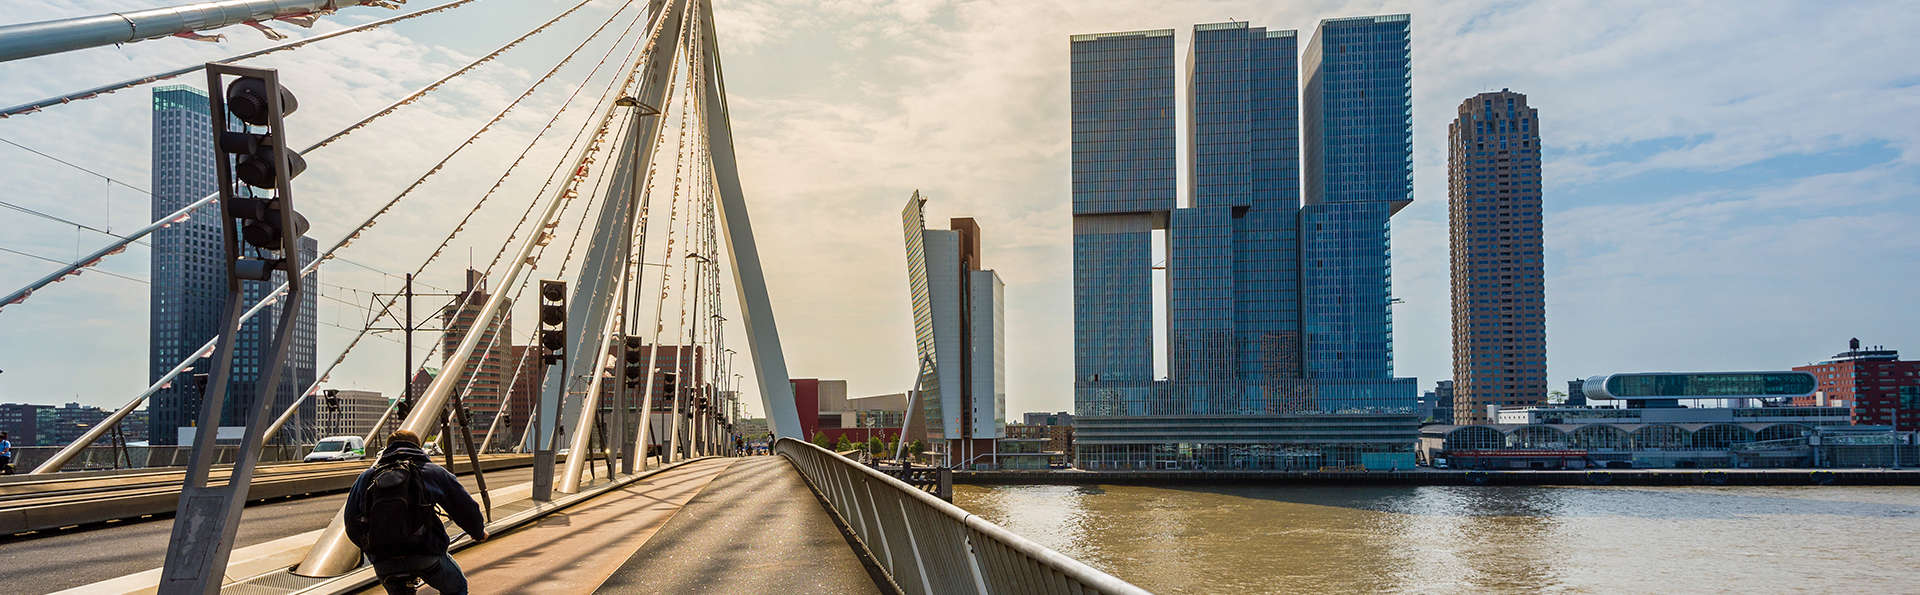 Week-end dans la ville animée de Rotterdam